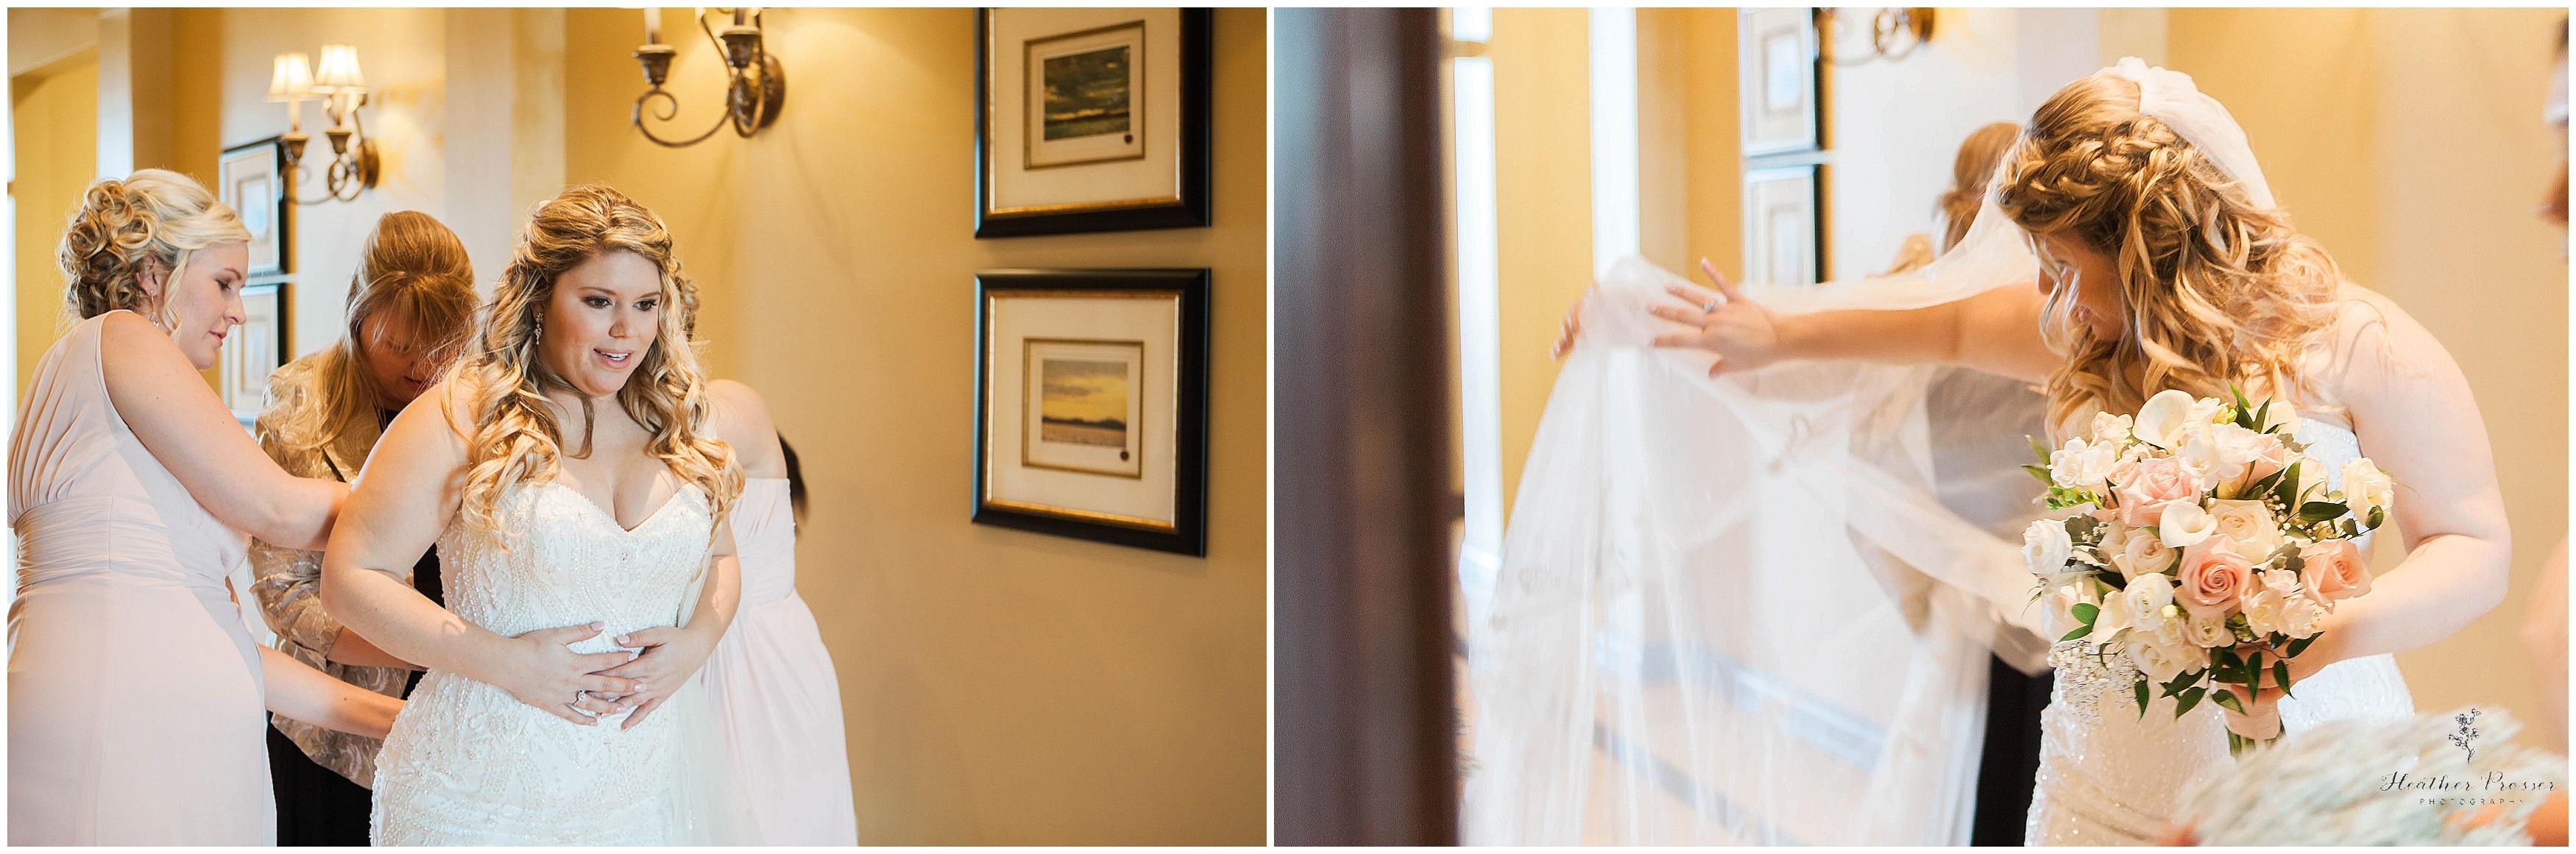 NestletonWatersInn-wedding_0157.jpg